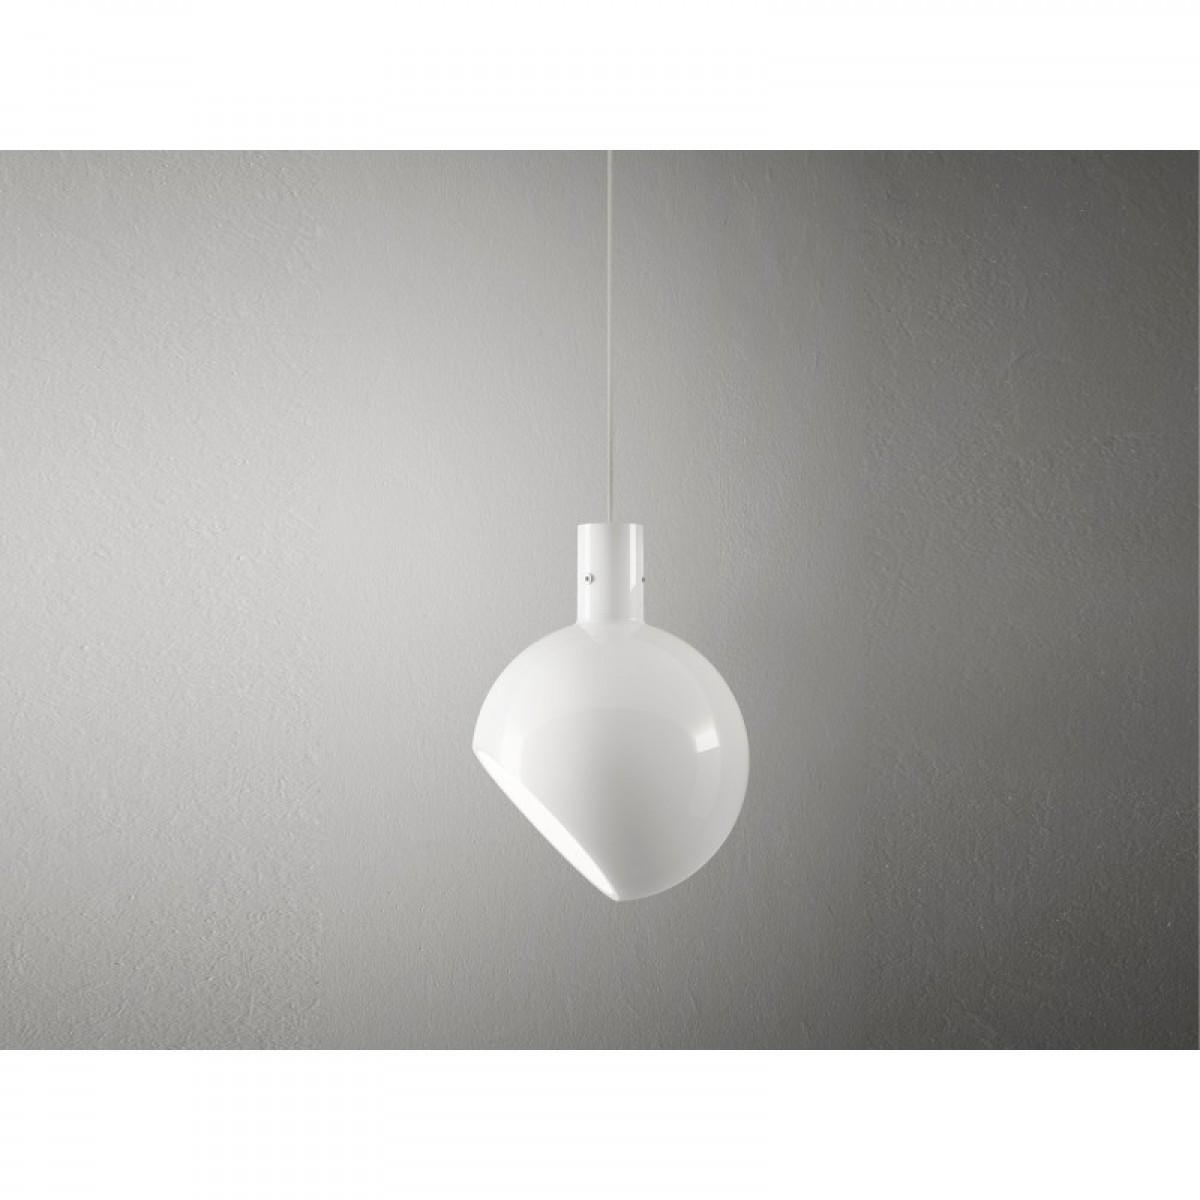 FontanaArte Parola White Suspension Lamp Outlet | Desout.com